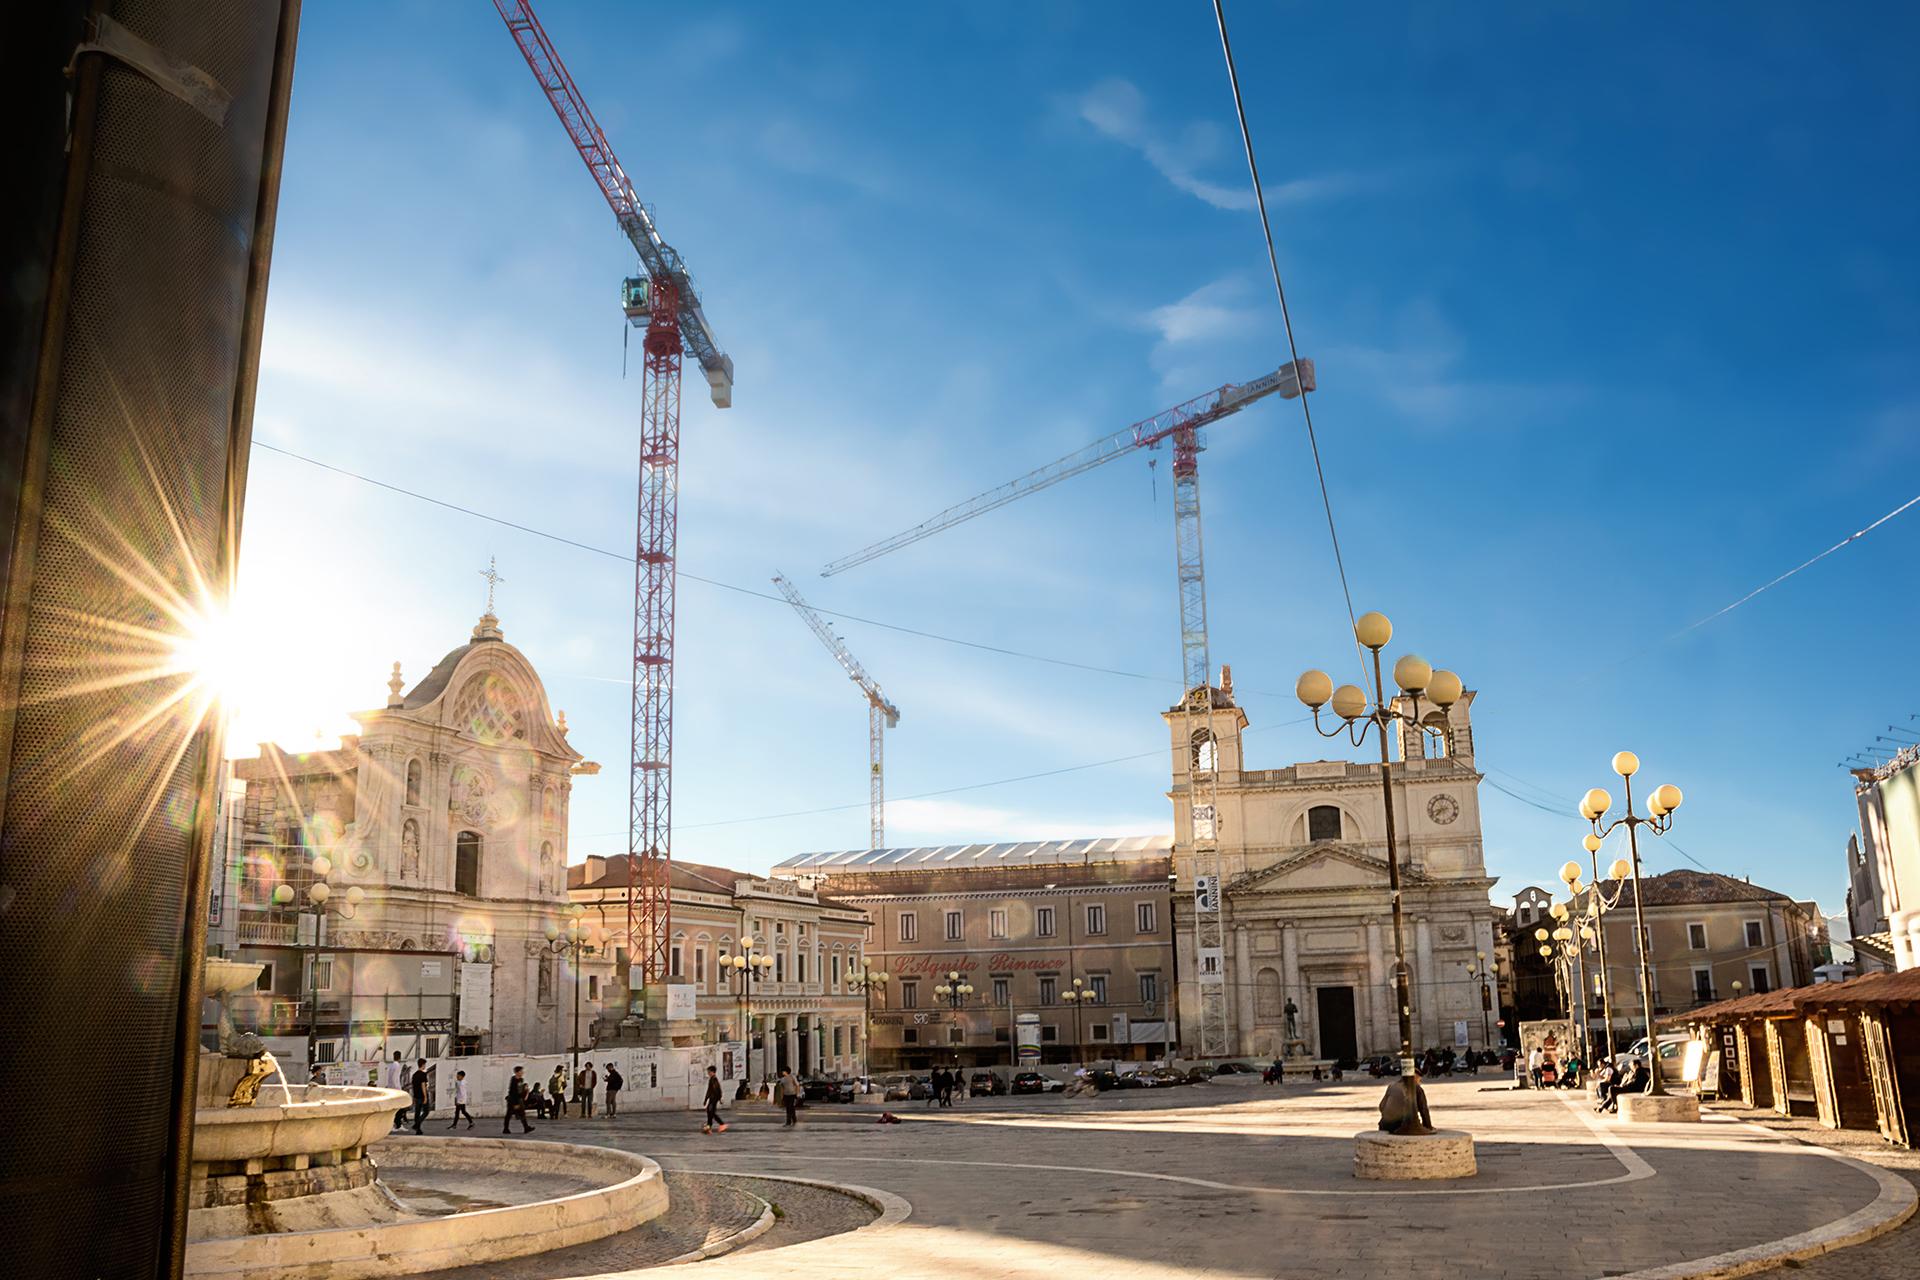 L'Aquila, la ricostruzione dopo il sisma